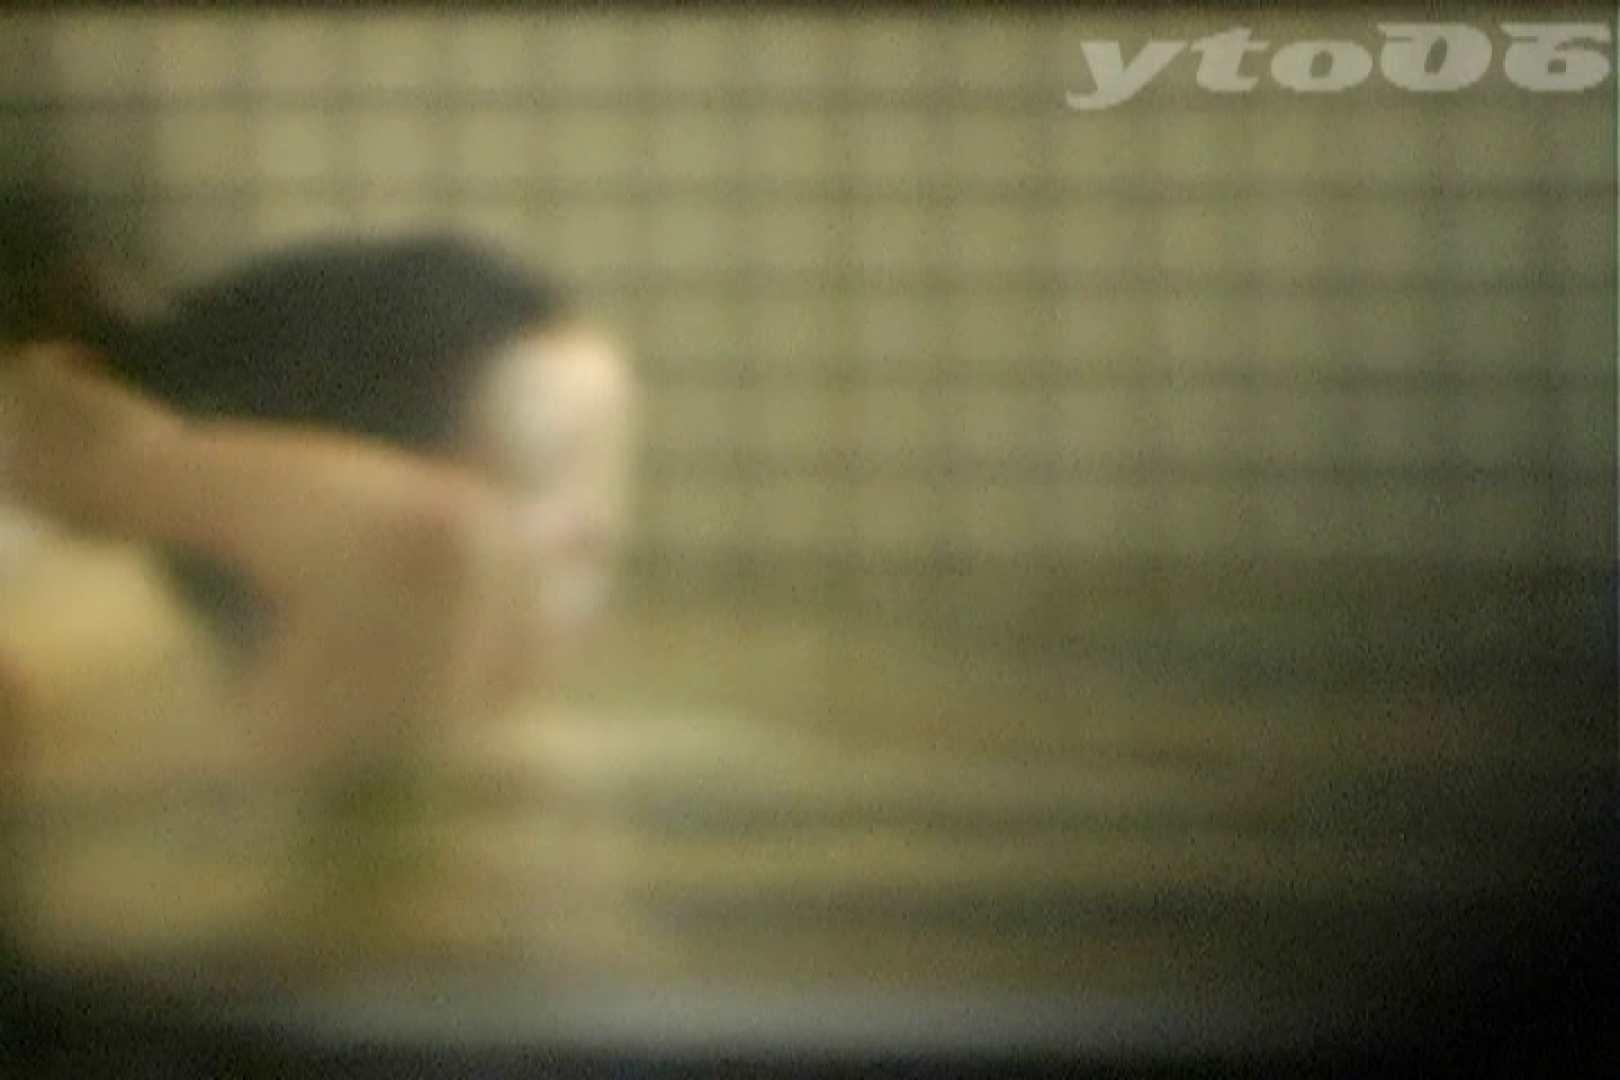 ▲復活限定▲合宿ホテル女風呂盗撮 Vol.34 ホテルでエッチ オマンコ動画キャプチャ 94画像 14